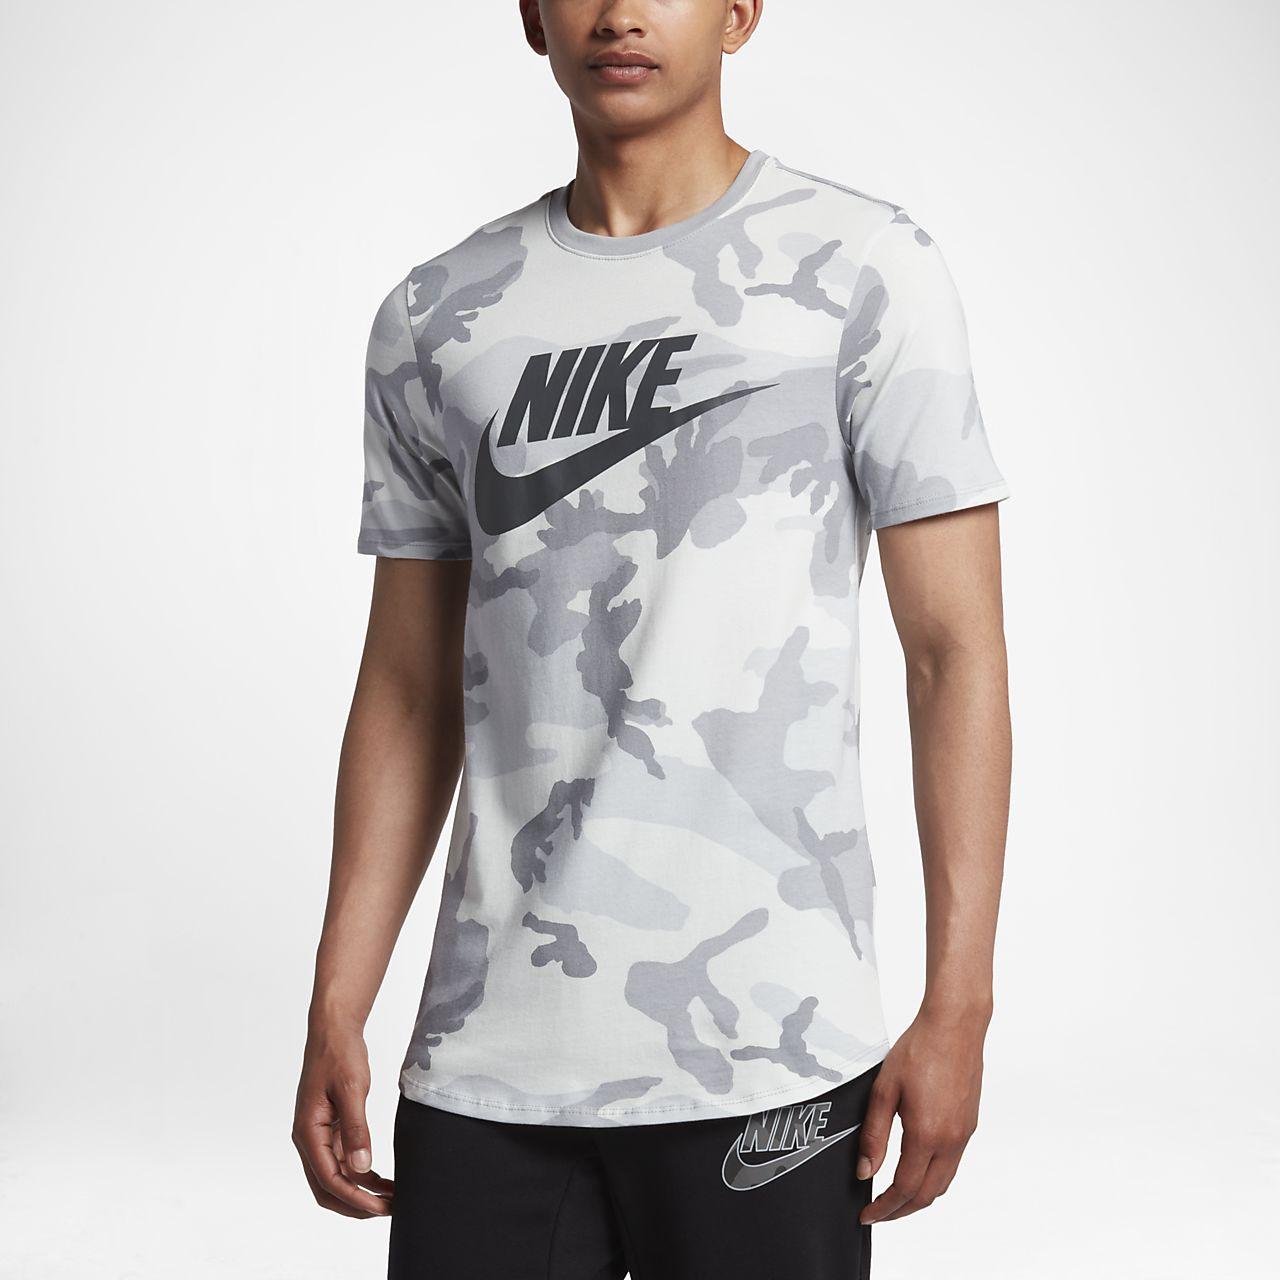 ... Nike Sportswear Men's Camo T-Shirt